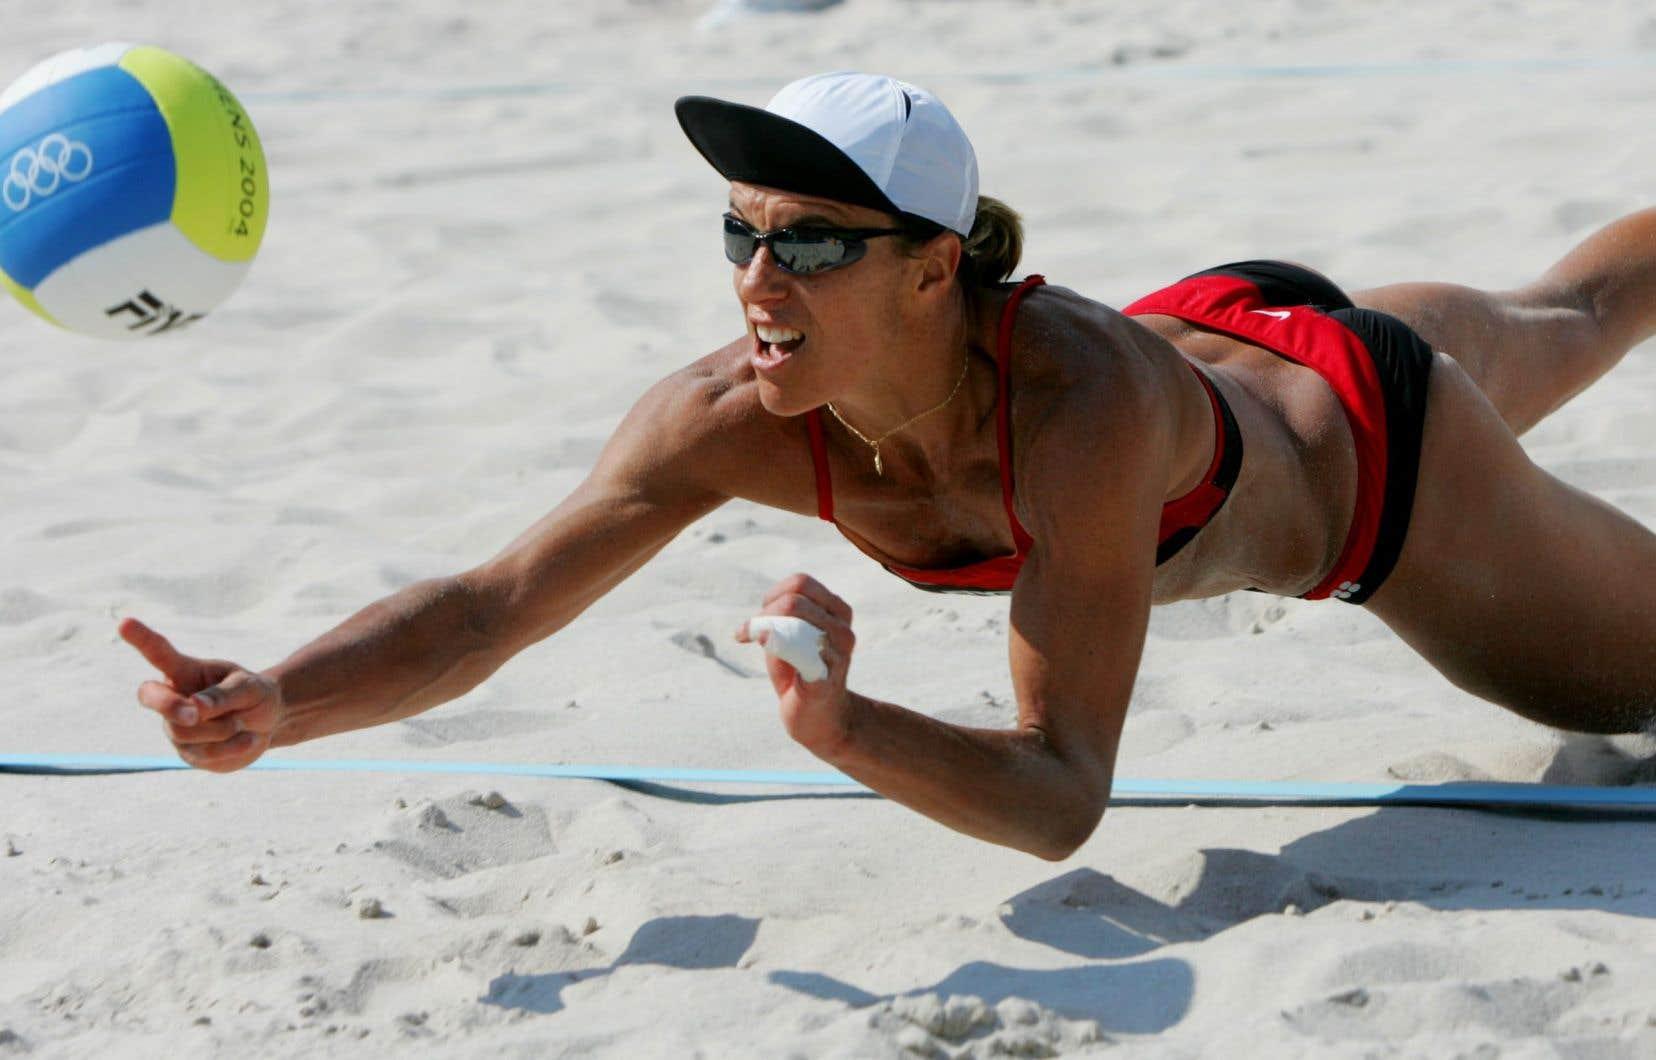 À trois reprises, la volleyeuse Guylaine Dumont a croisé sur son parcours cet entraîneur qui humiliait verbalement ses joueuses, les rabaissant constamment. Et chaque fois, elle en était atterrée.